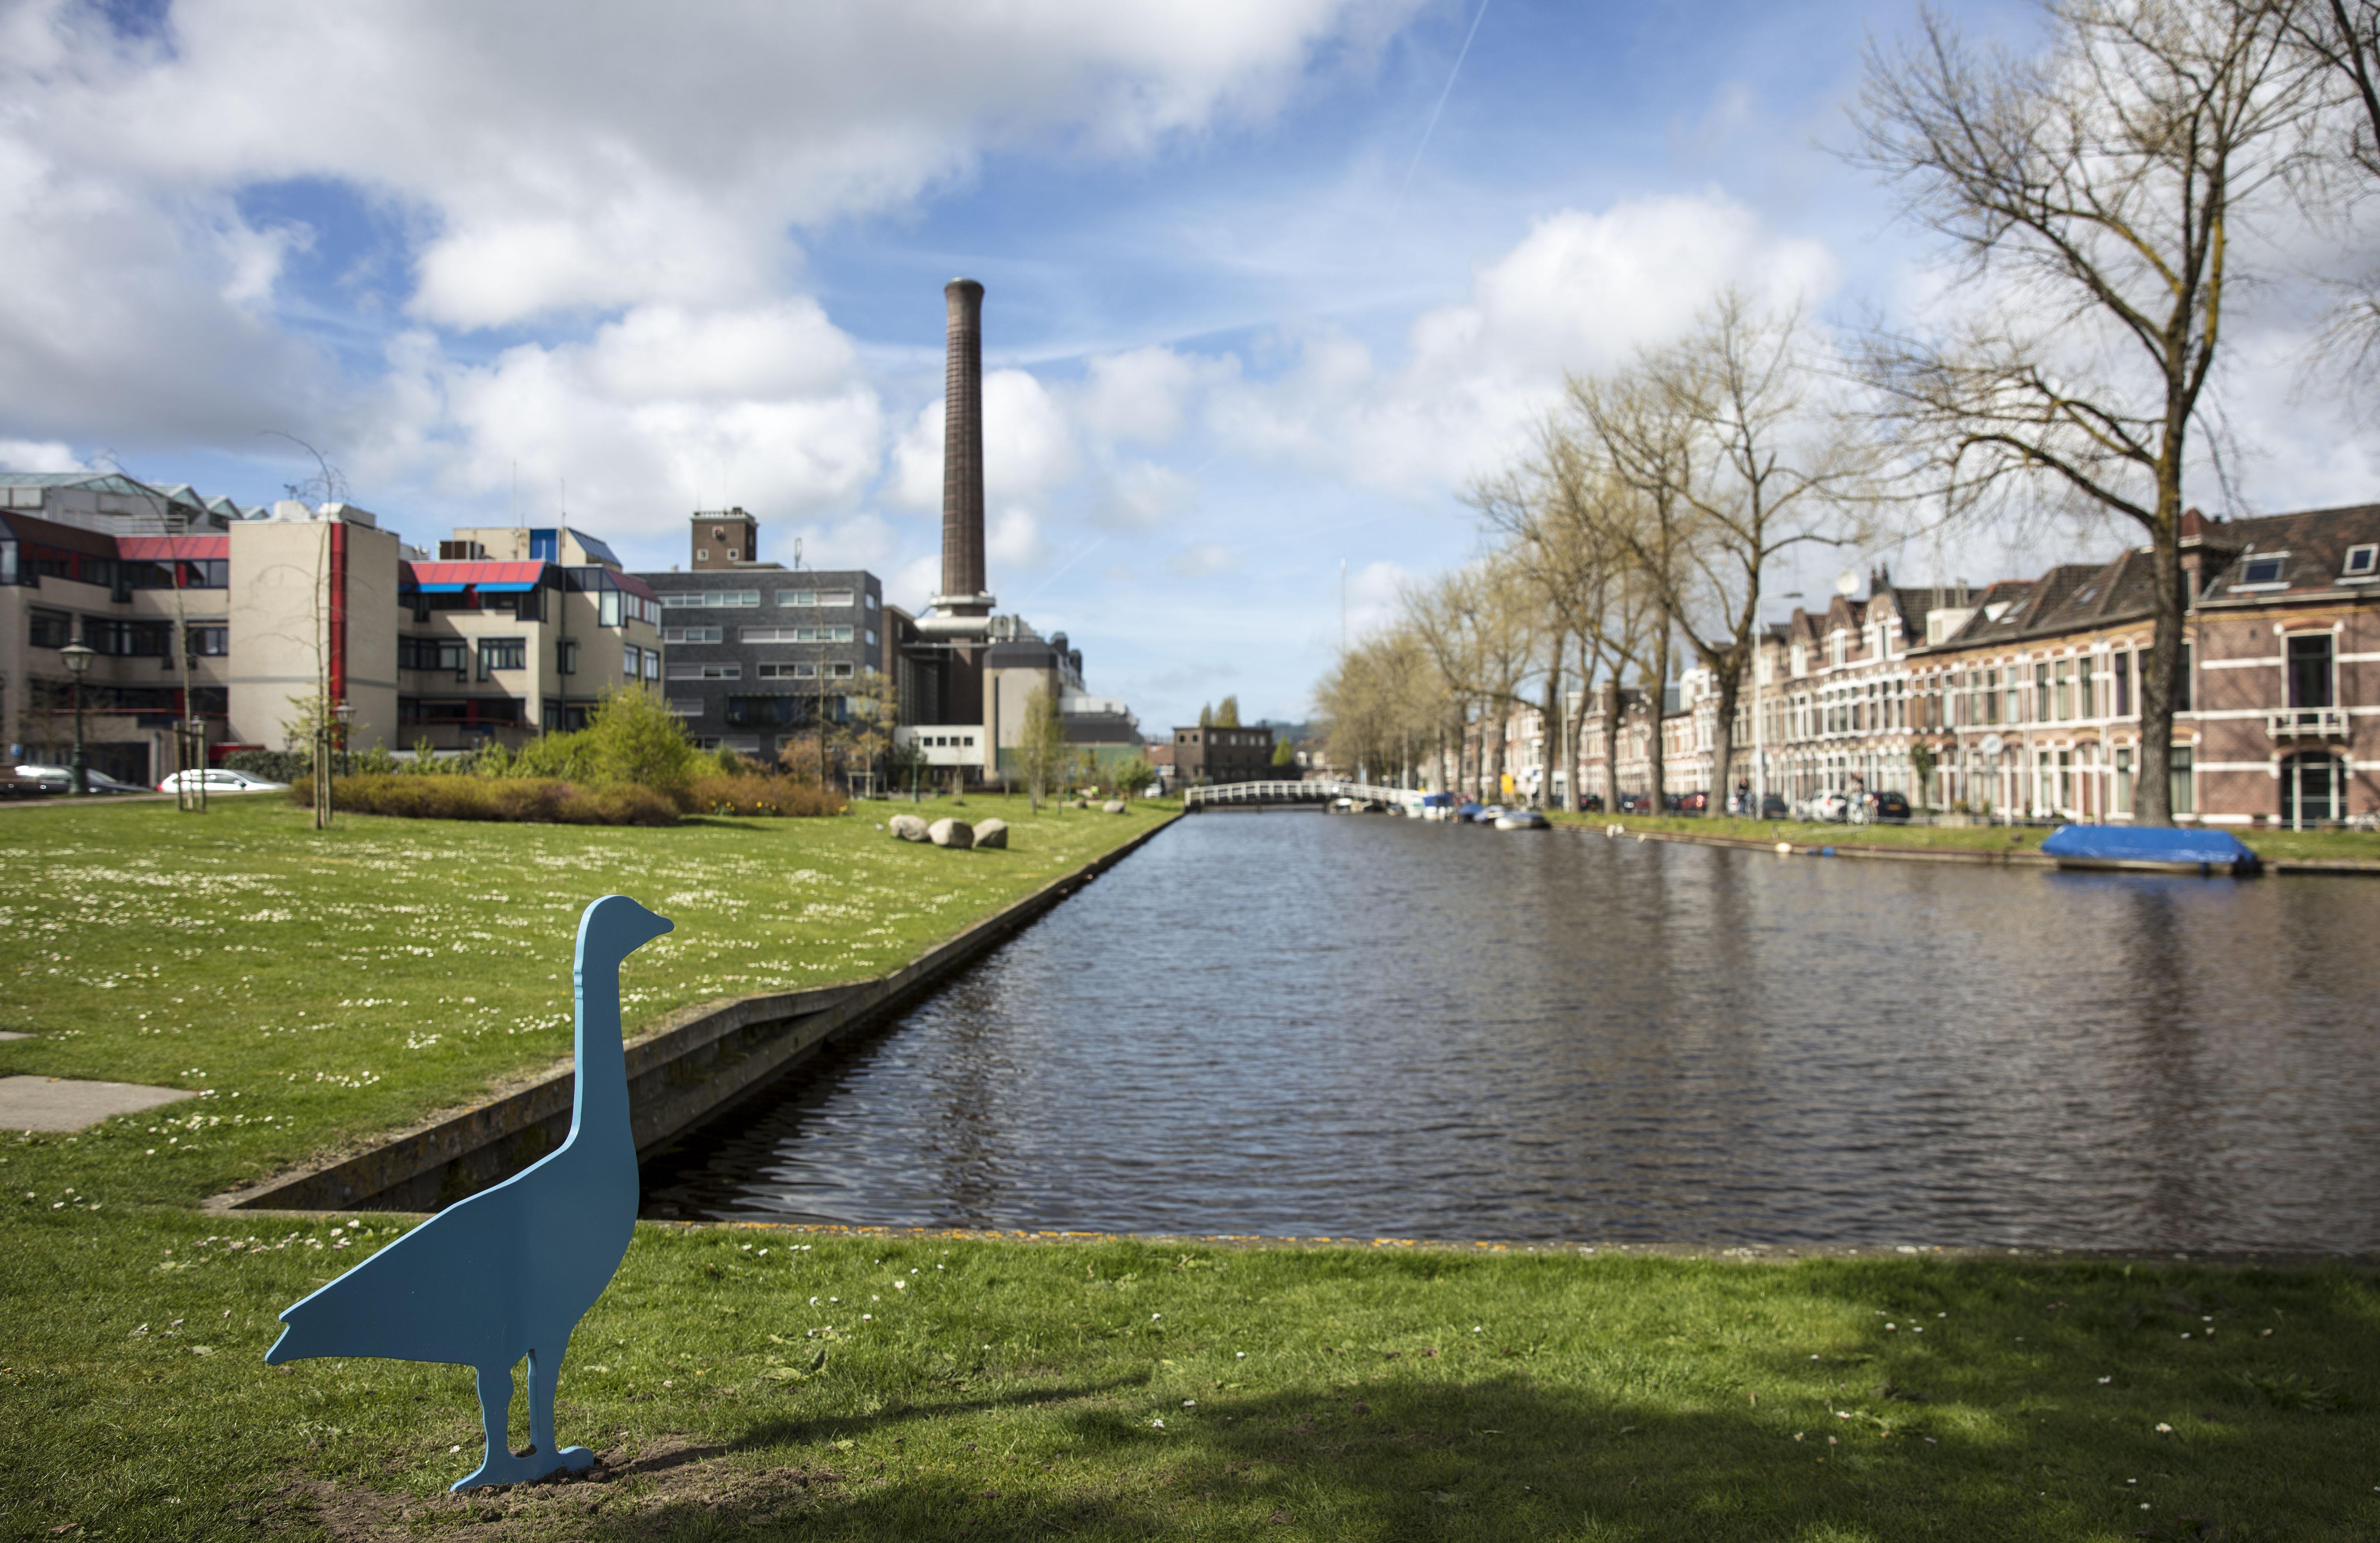 'Energiepark verworden tot haastklus': Leidse wijkvereniging Noordvest-Molenbuurt roept wethouders op beter te letten op belangen wijkbewoners